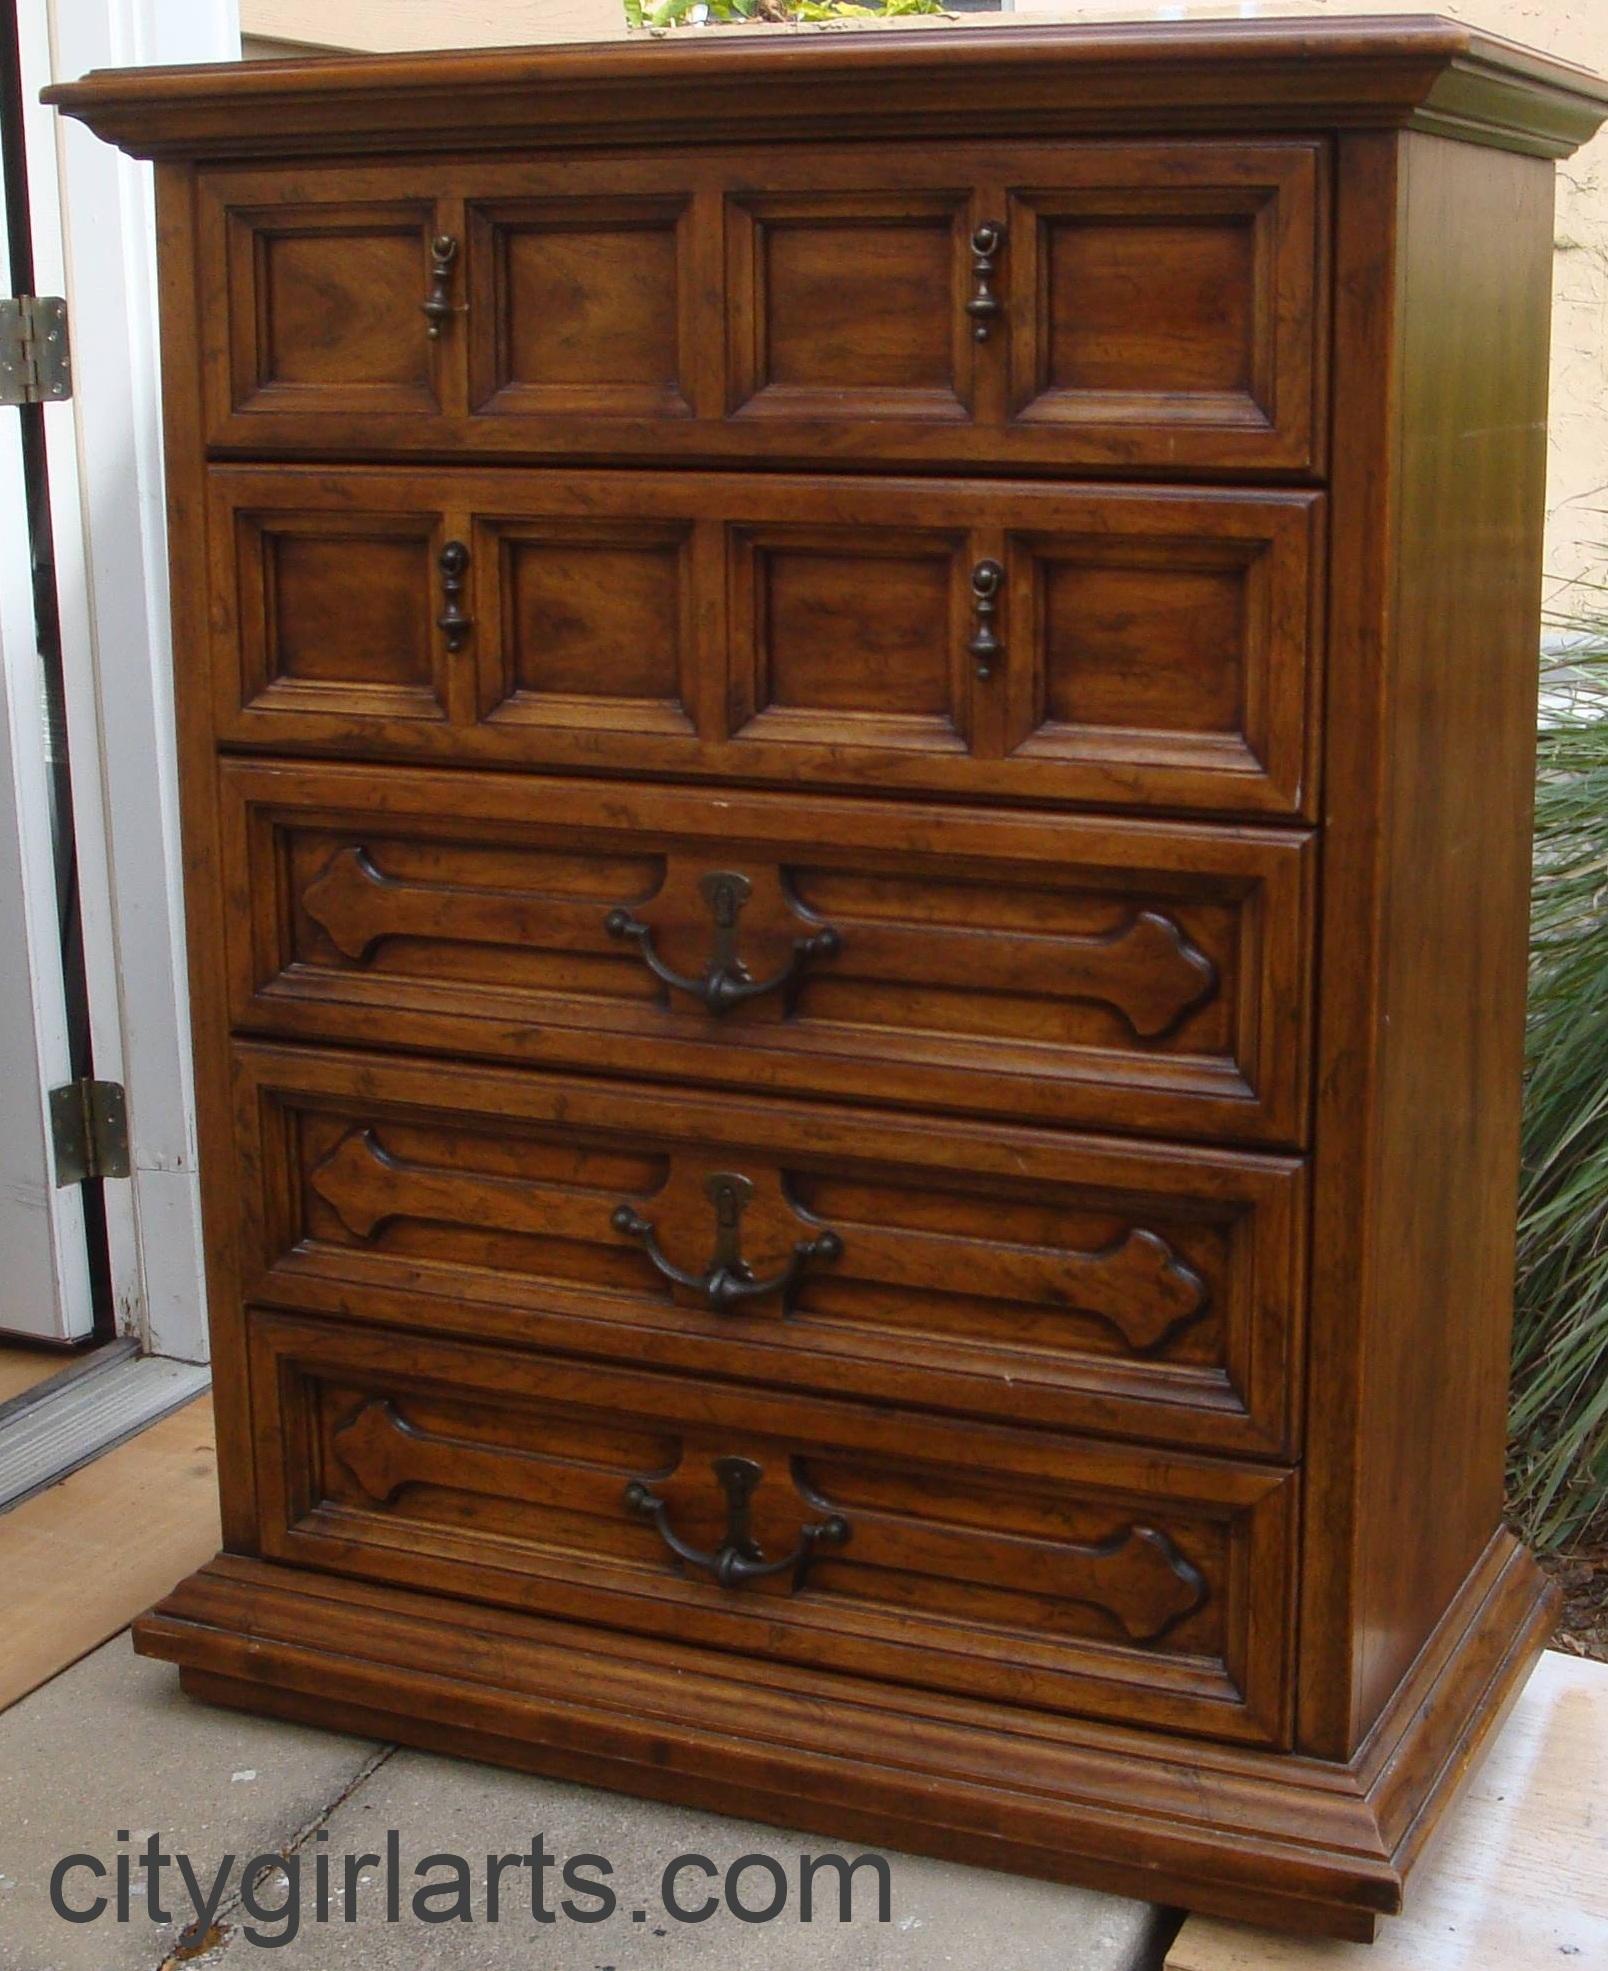 Vintage Eggplant Henredon Dressers: Spanish Revival Revived ...